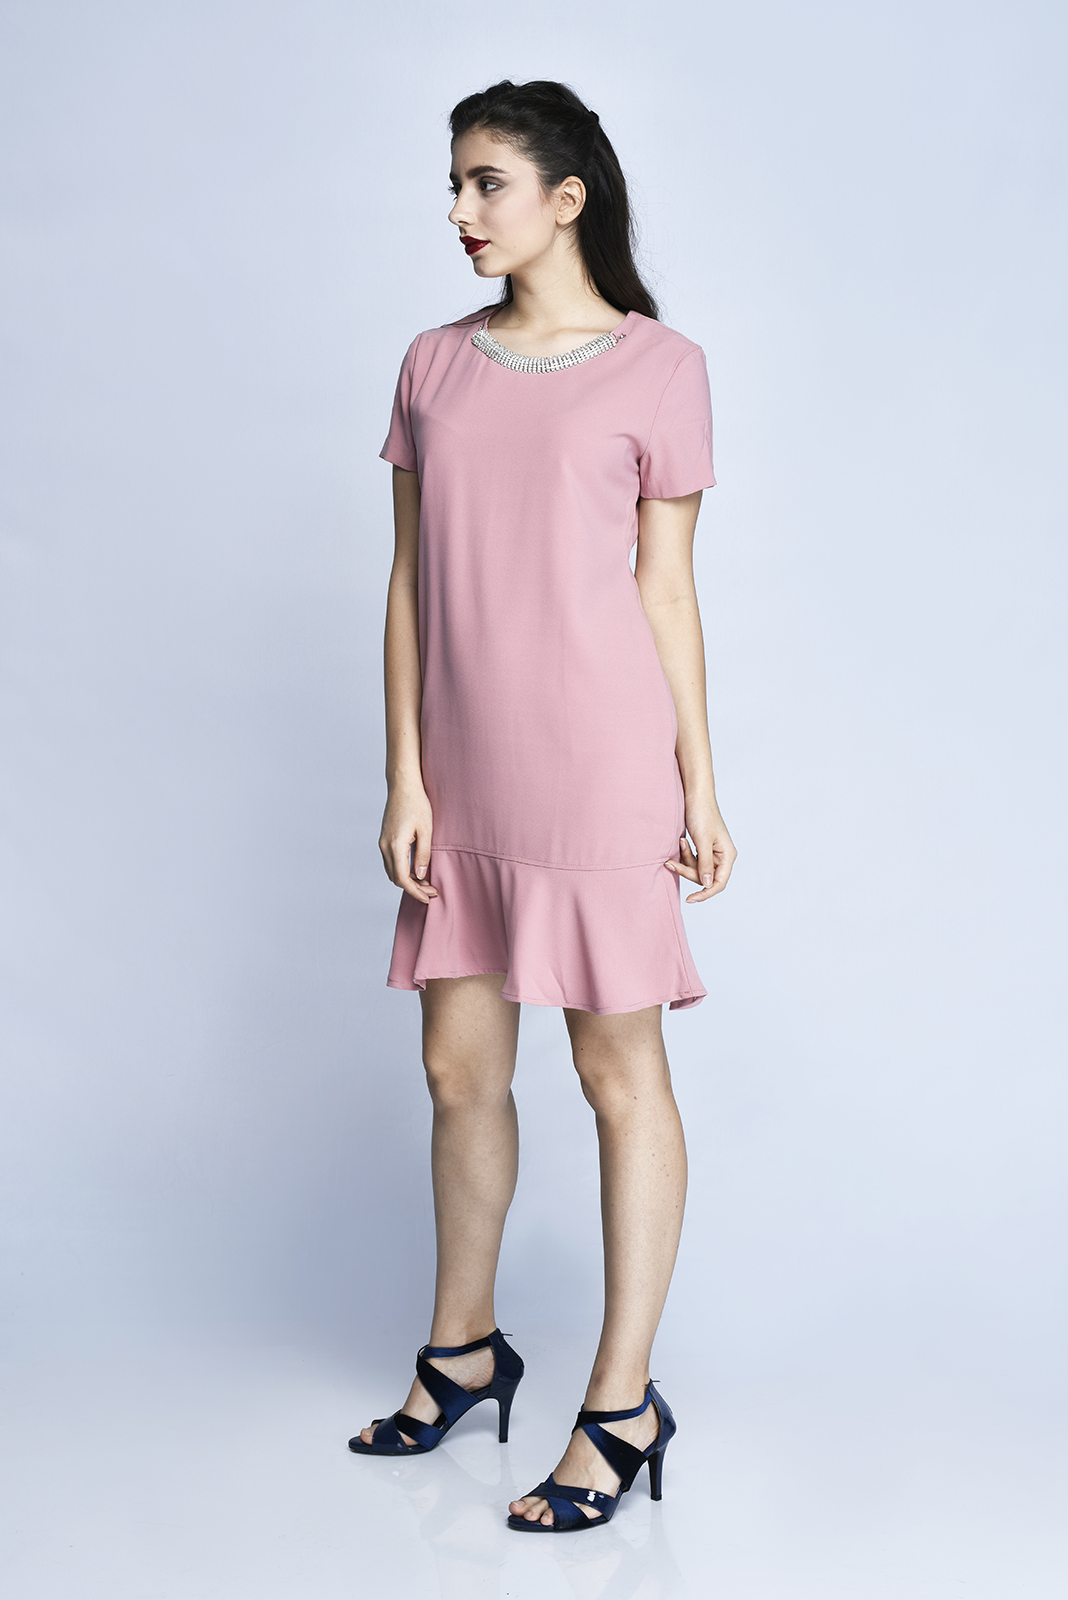 CARDINAL FEMME DRESS 4 (PINK)